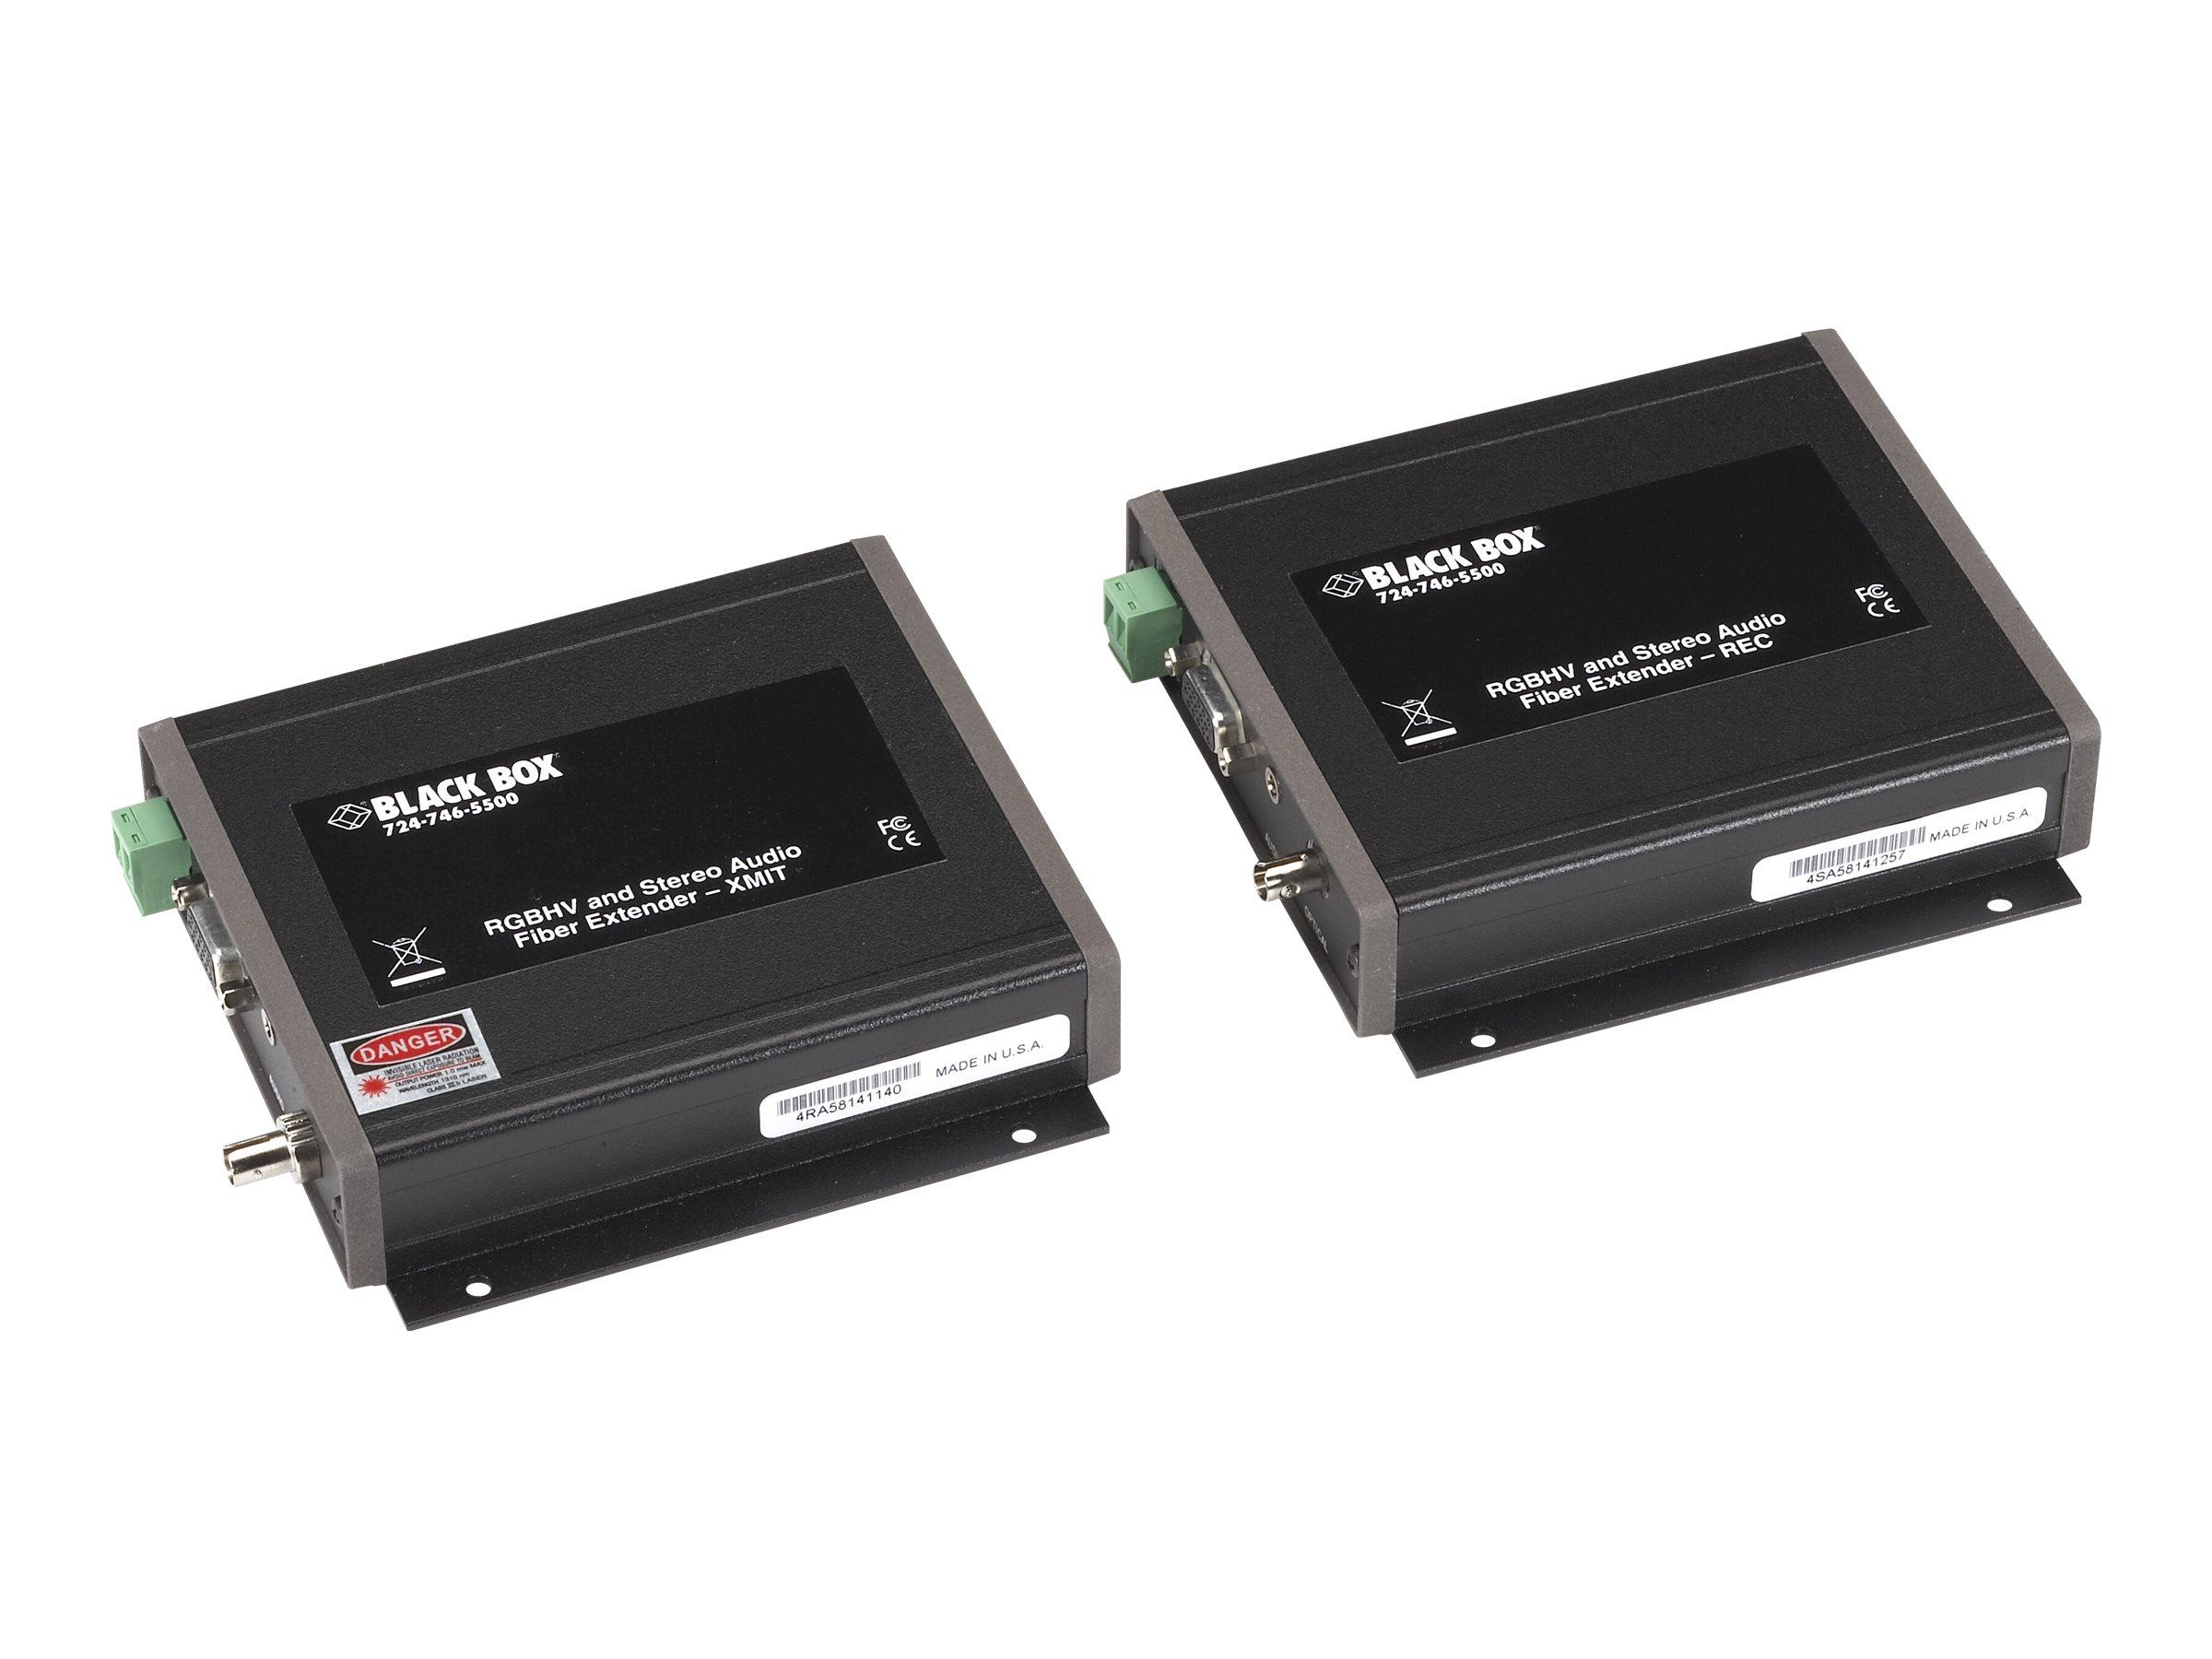 Black Box RGBHV/Stereo-Audio Fiber Extender - Monitor-/Audio-Erweiterung - bis zu 30 km - 1310 nm